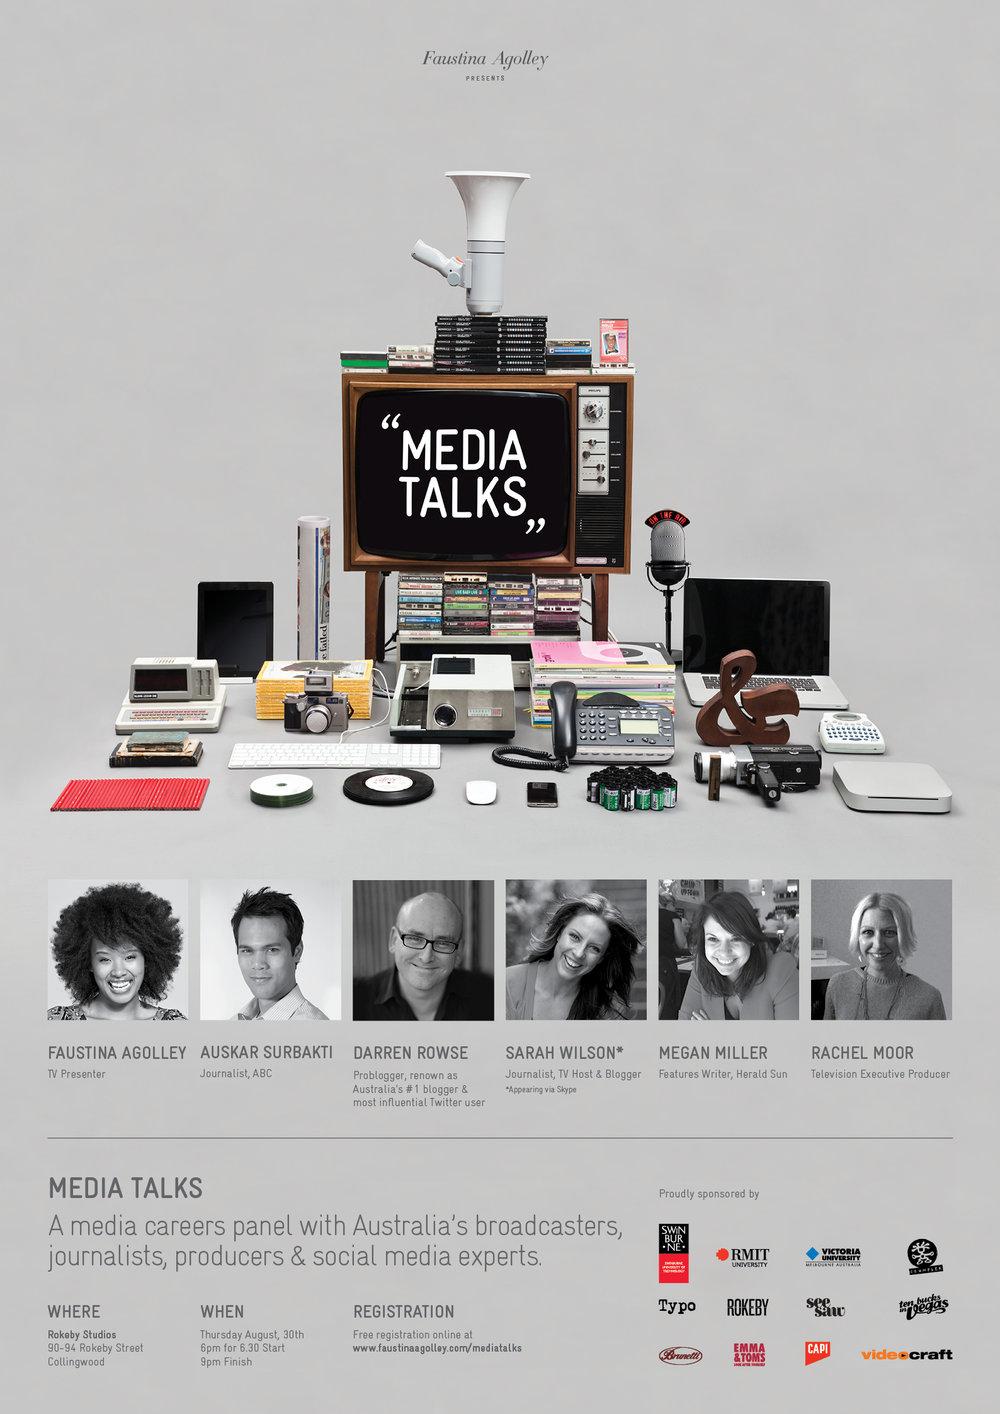 Media-Talks-Media-Careers-Panel1.jpg